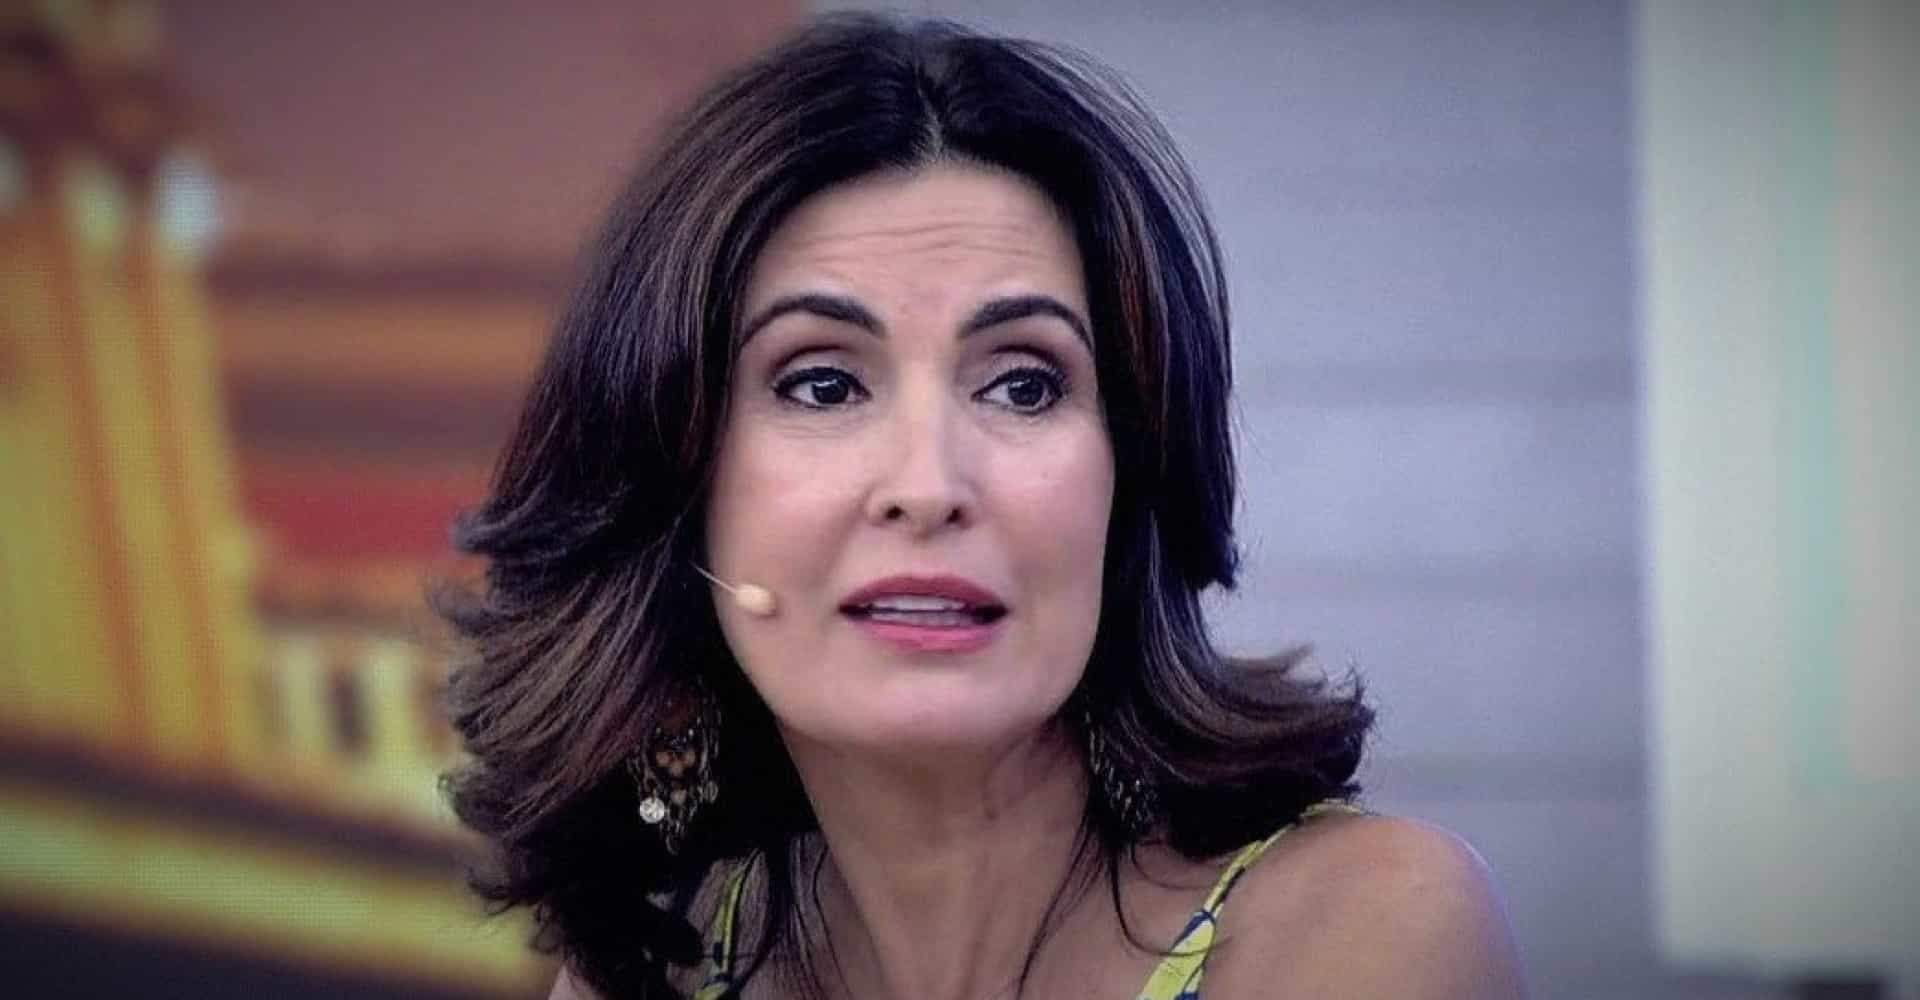 Rumores de possíveis mudanças na programação gera tensão na Globo